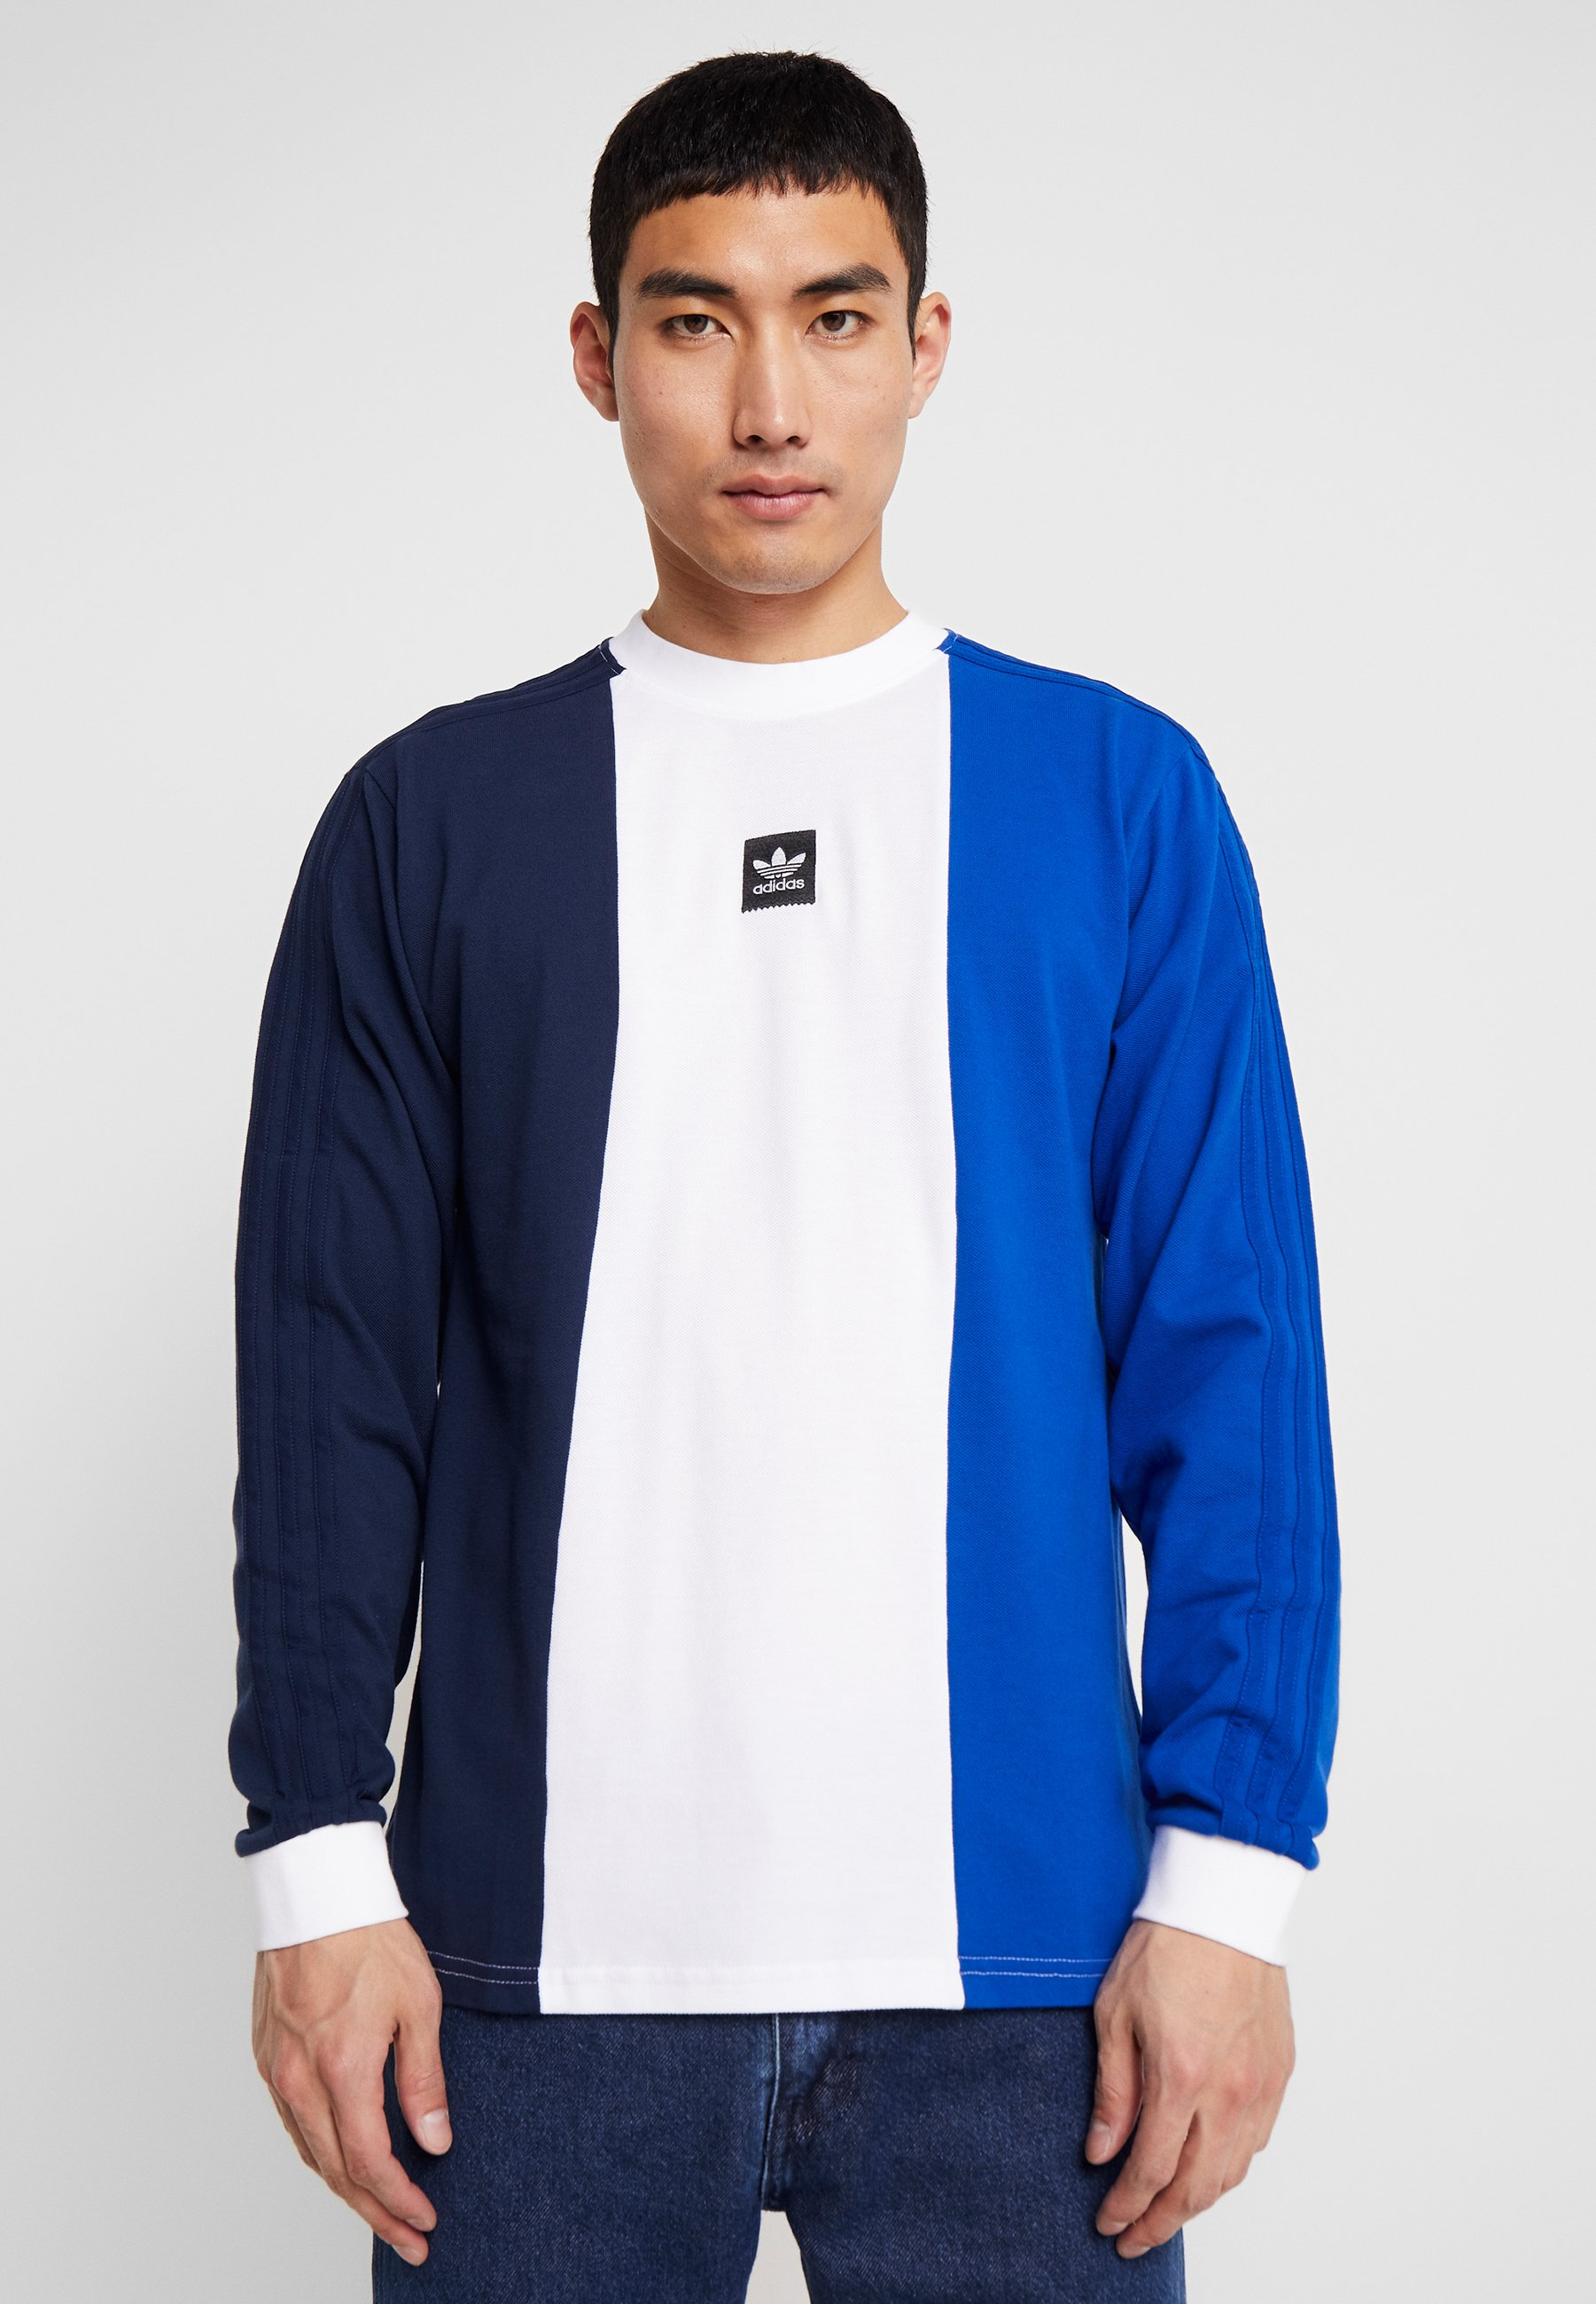 collegiate Royal Originals Imprimé Tripart TeeT shirt Collegiate white Adidas Navy tQrCBsdhxo